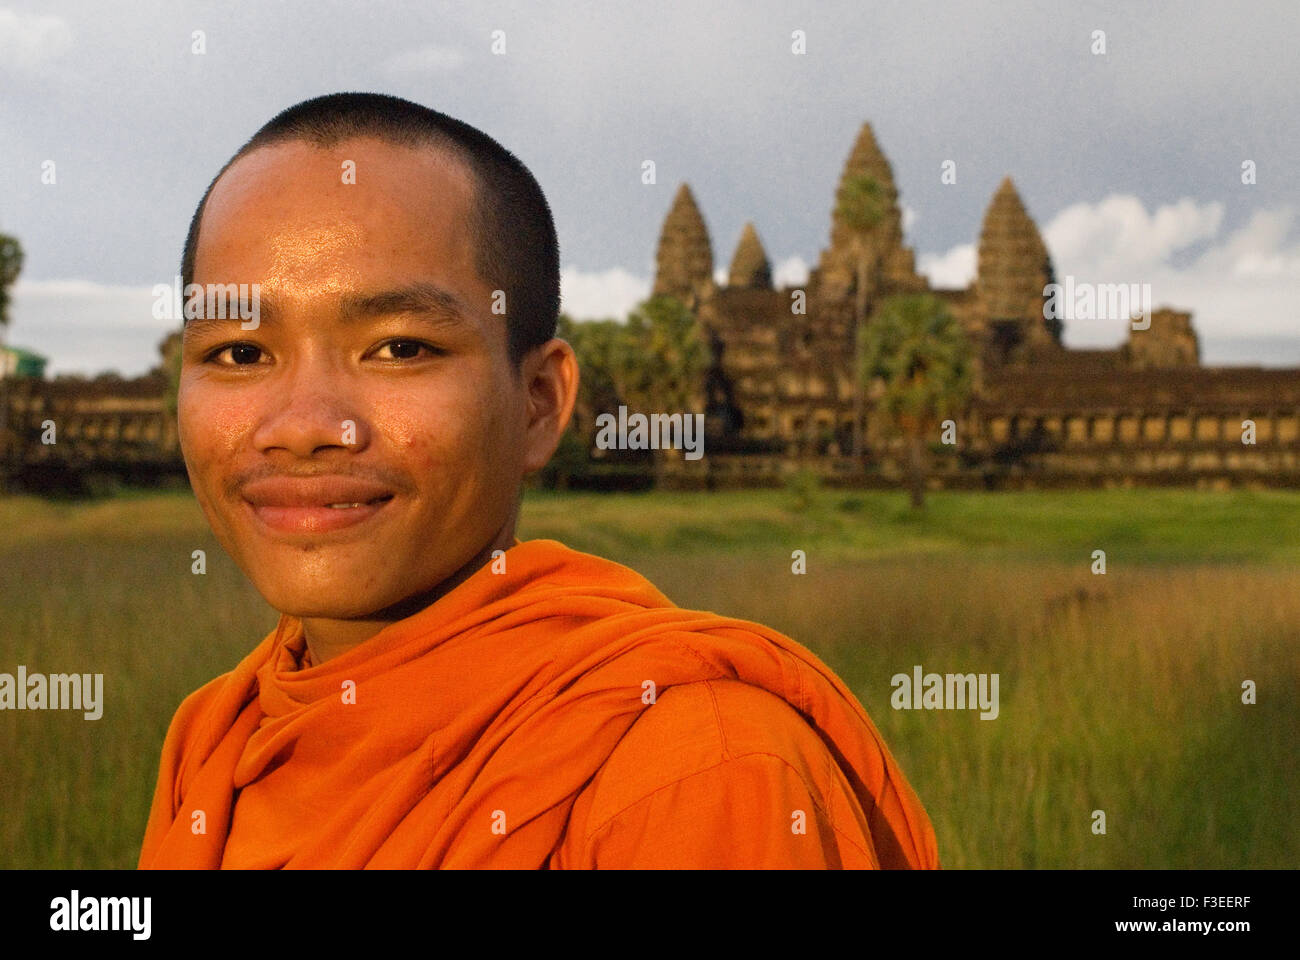 Le moine bouddhiste à l'extérieur du Temple d'Angkor Wat. Angkor Wat, le plus grand monument du Photo Stock